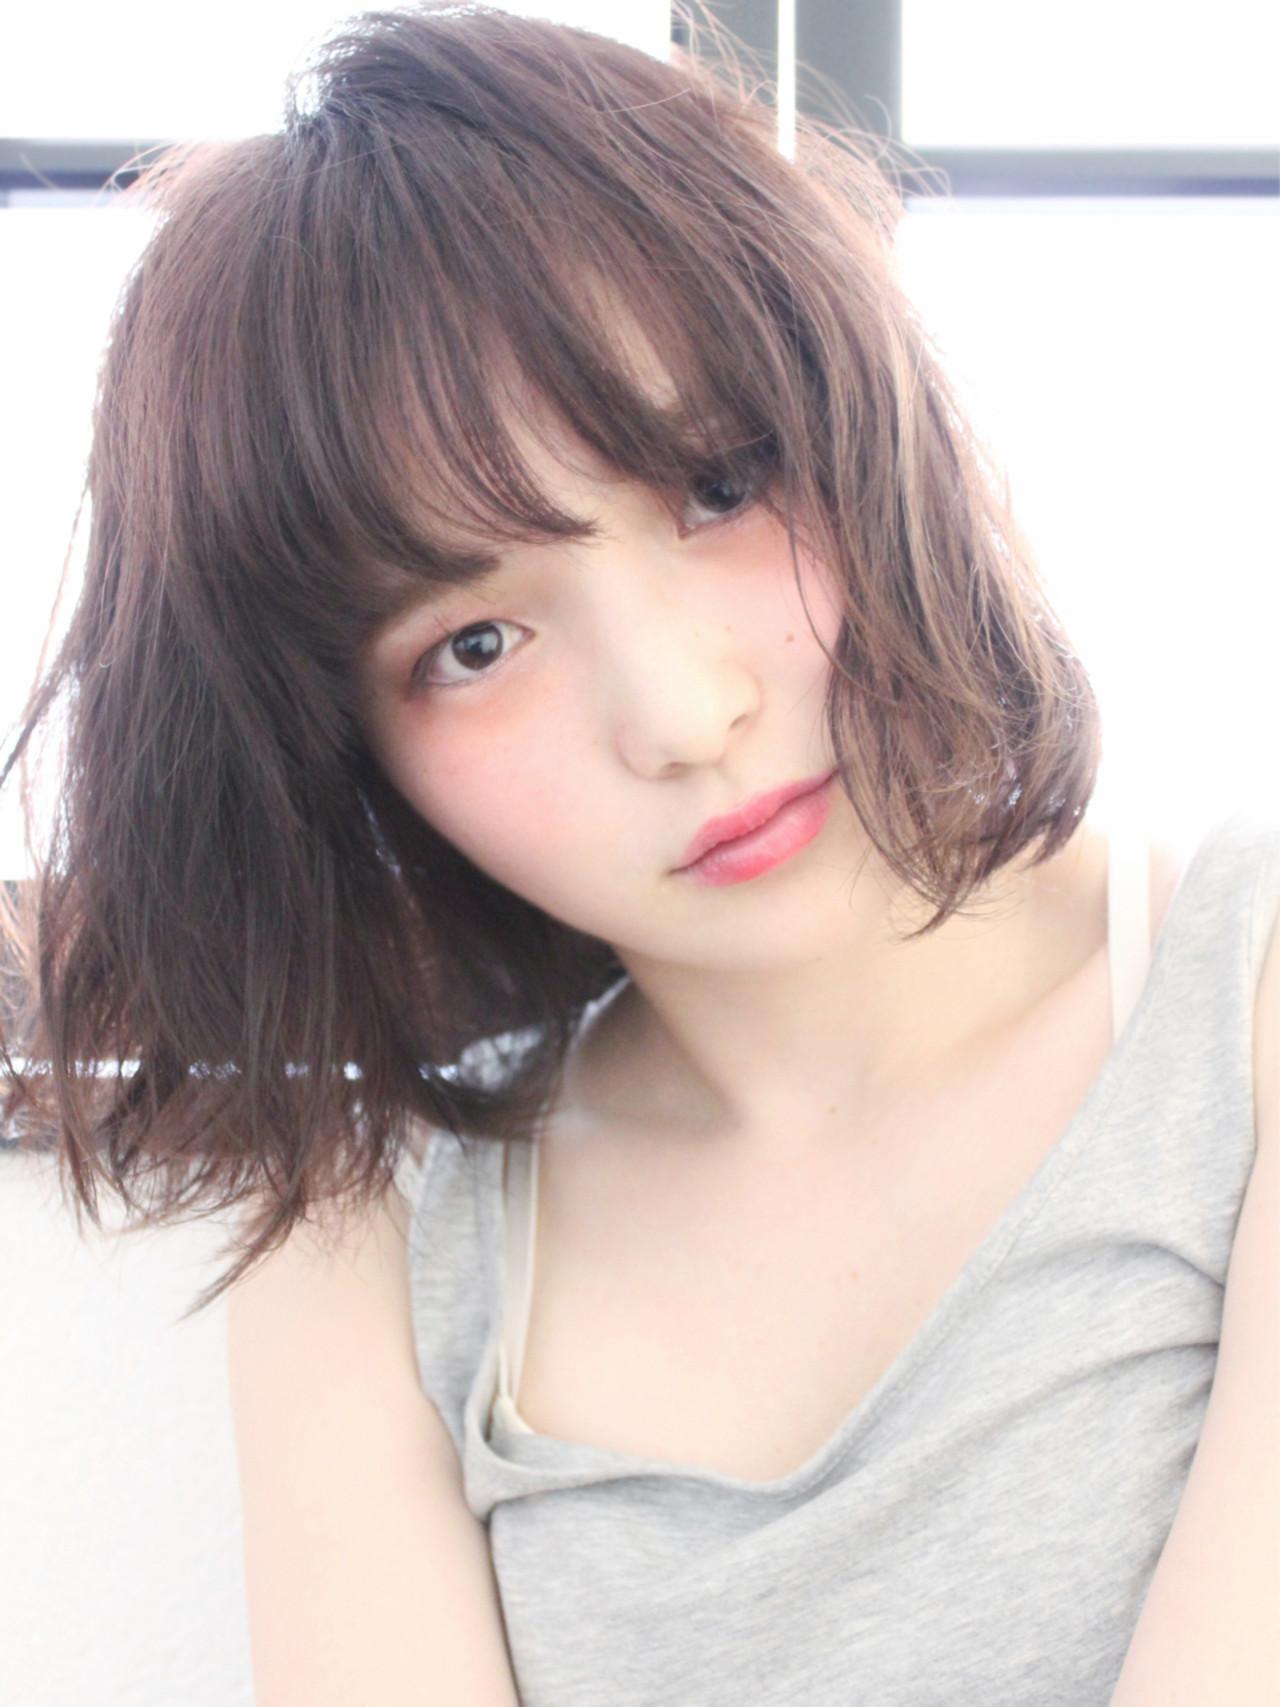 ヘルシーでナチュラル、ちょっぴりセクシー♡オンナっぽさ抜群の夏スタイルを提案! 上田智久 / LaRica